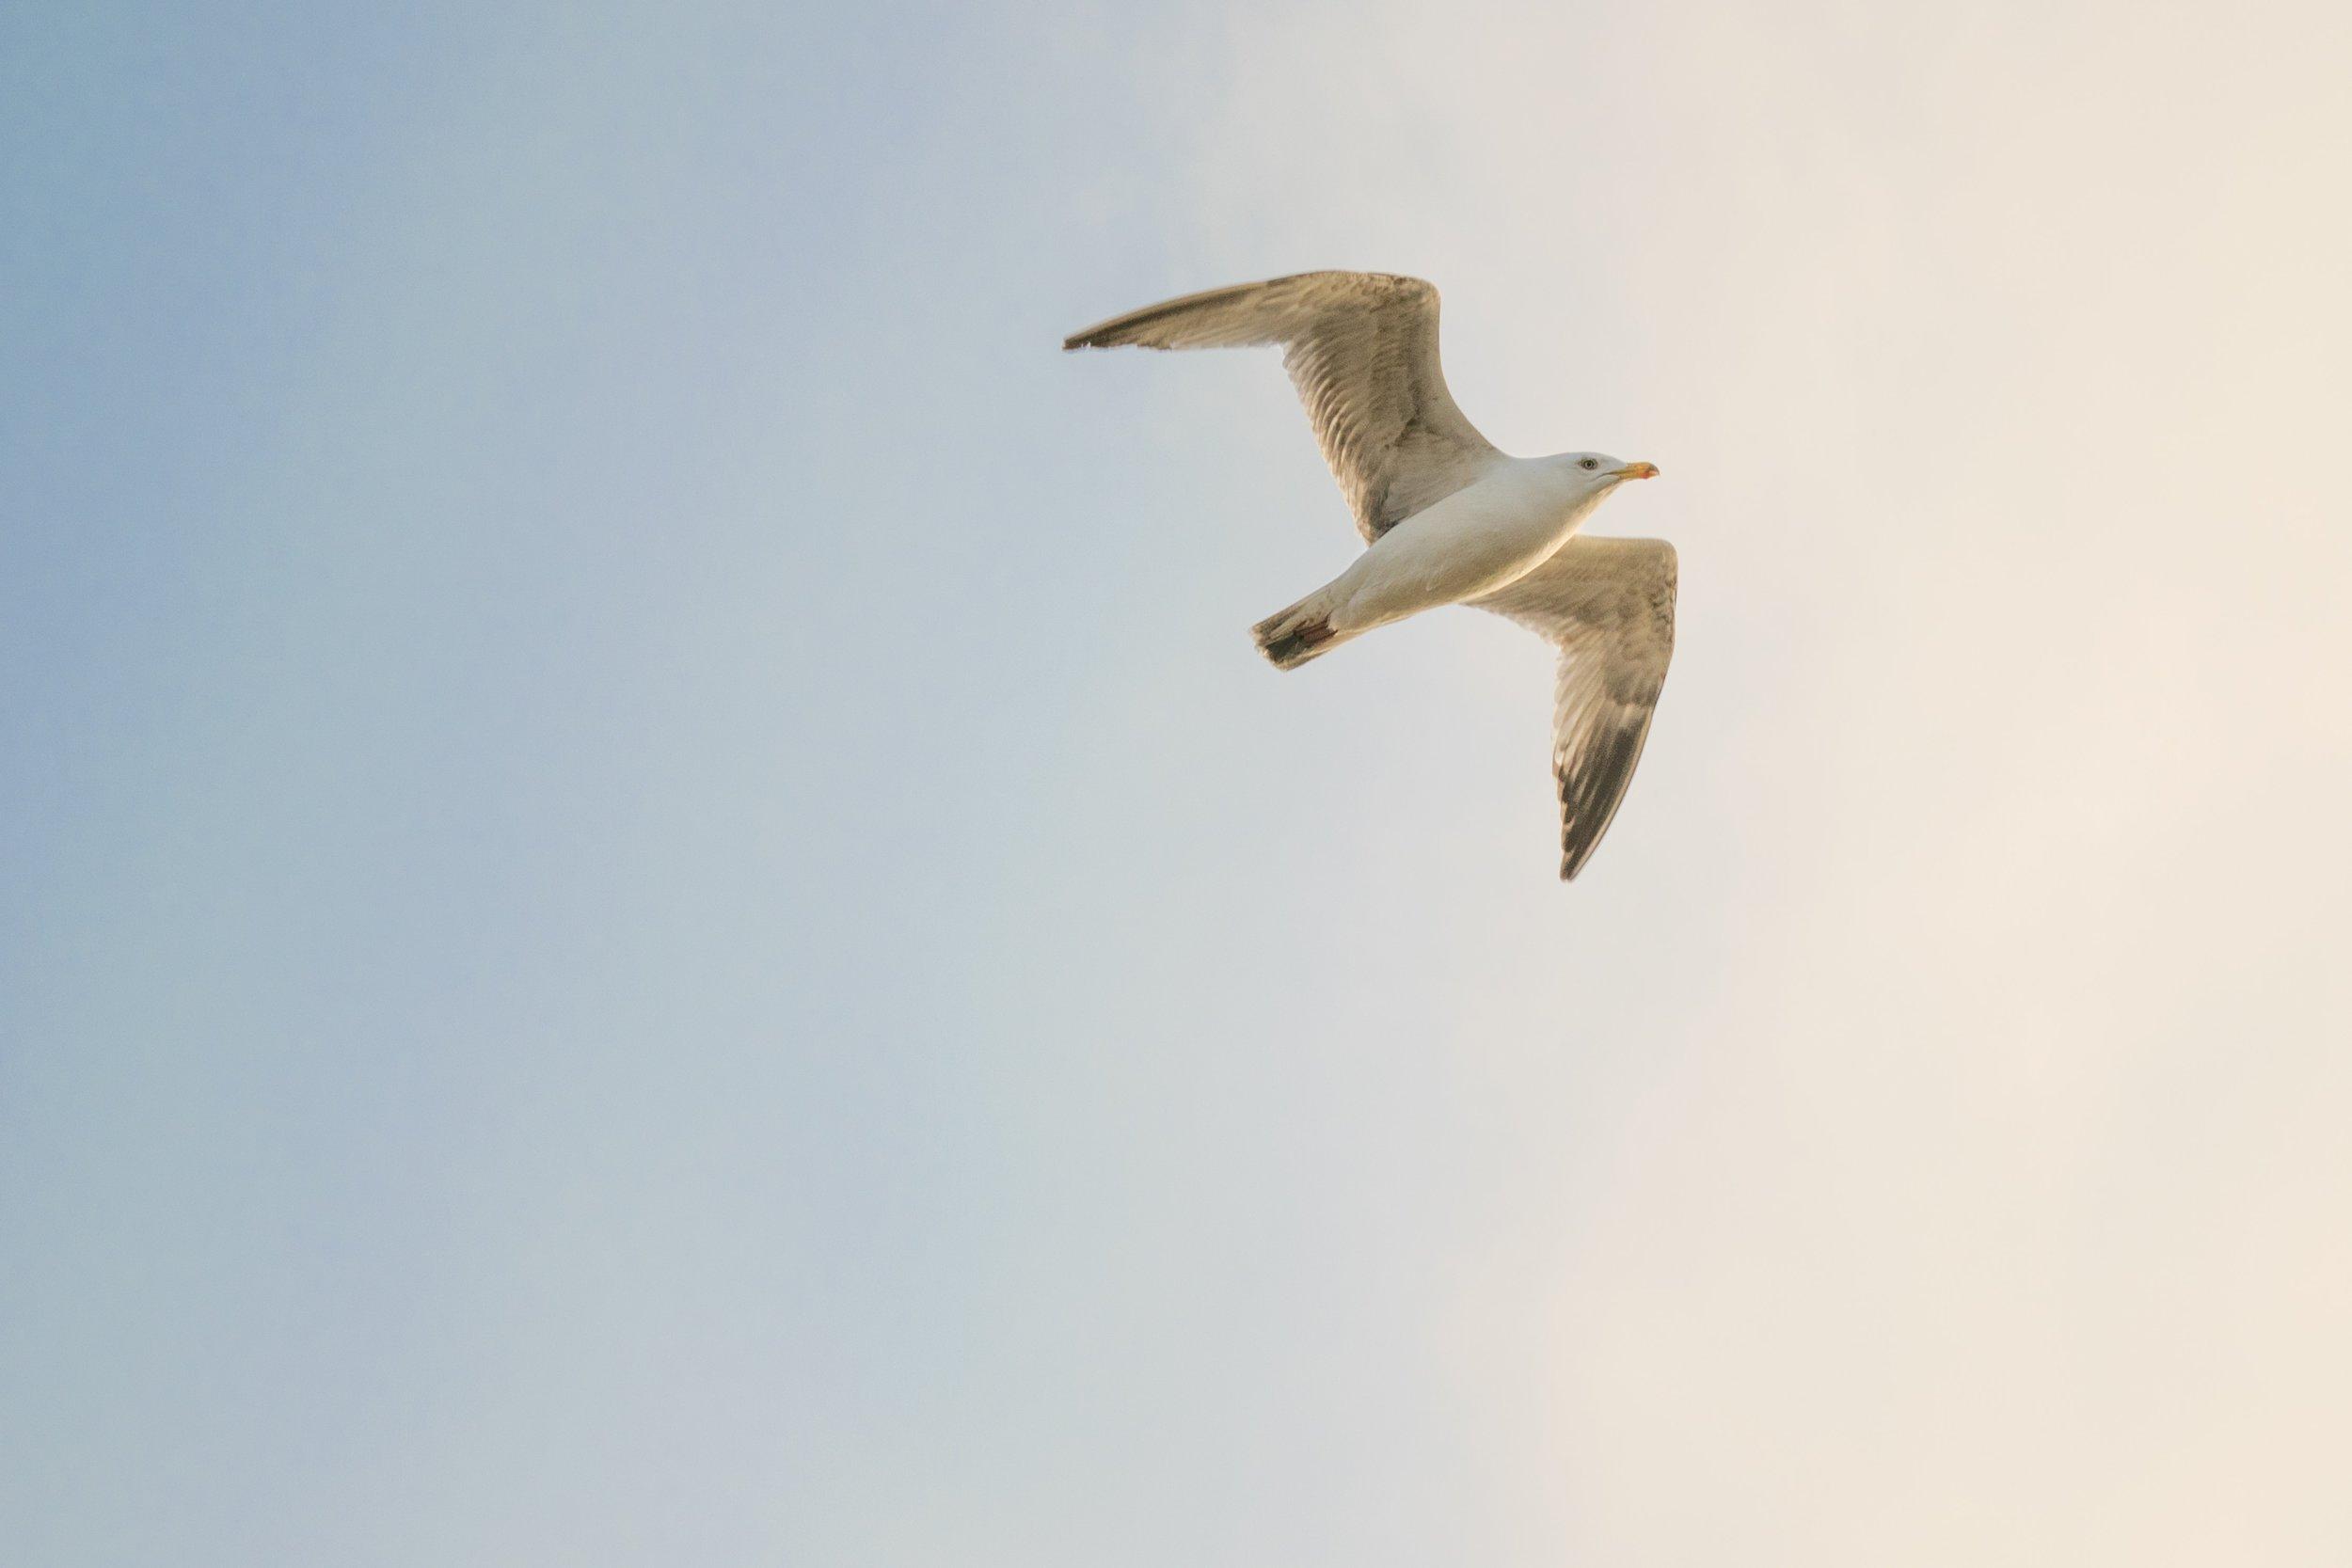 seabird - by Avanti Tulpule